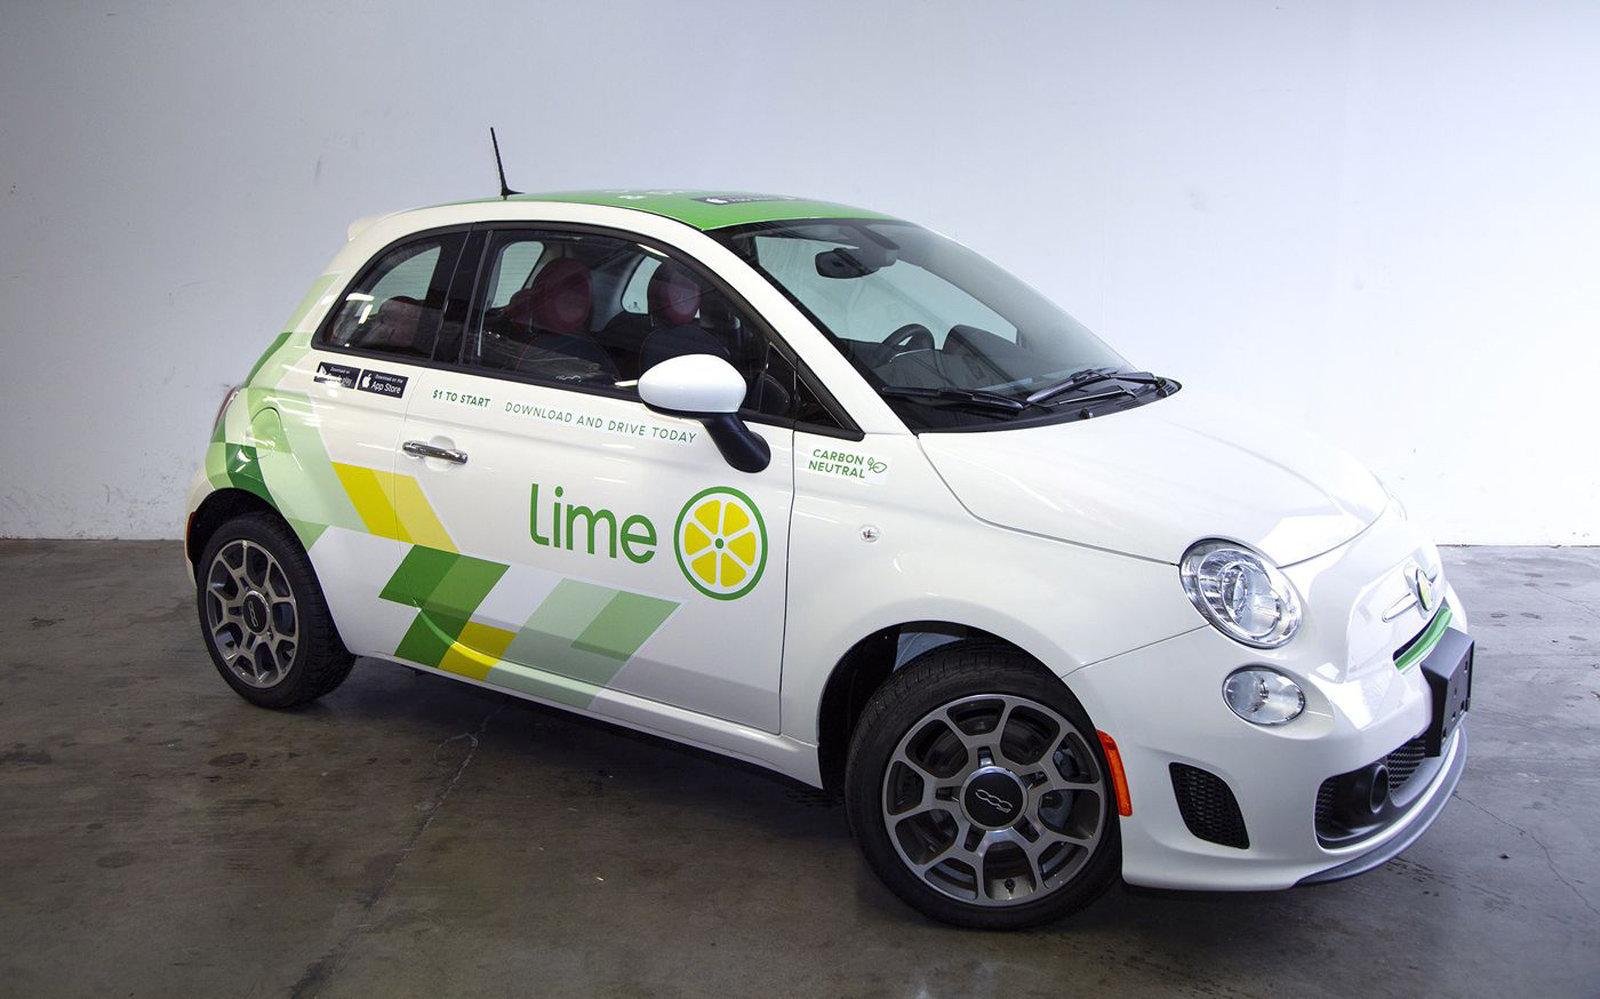 Obrázek: Elektrické koloběžky byly jen začátek: Lime začíná půjčovat auta a půjčíte si je kliknutím v mobilu